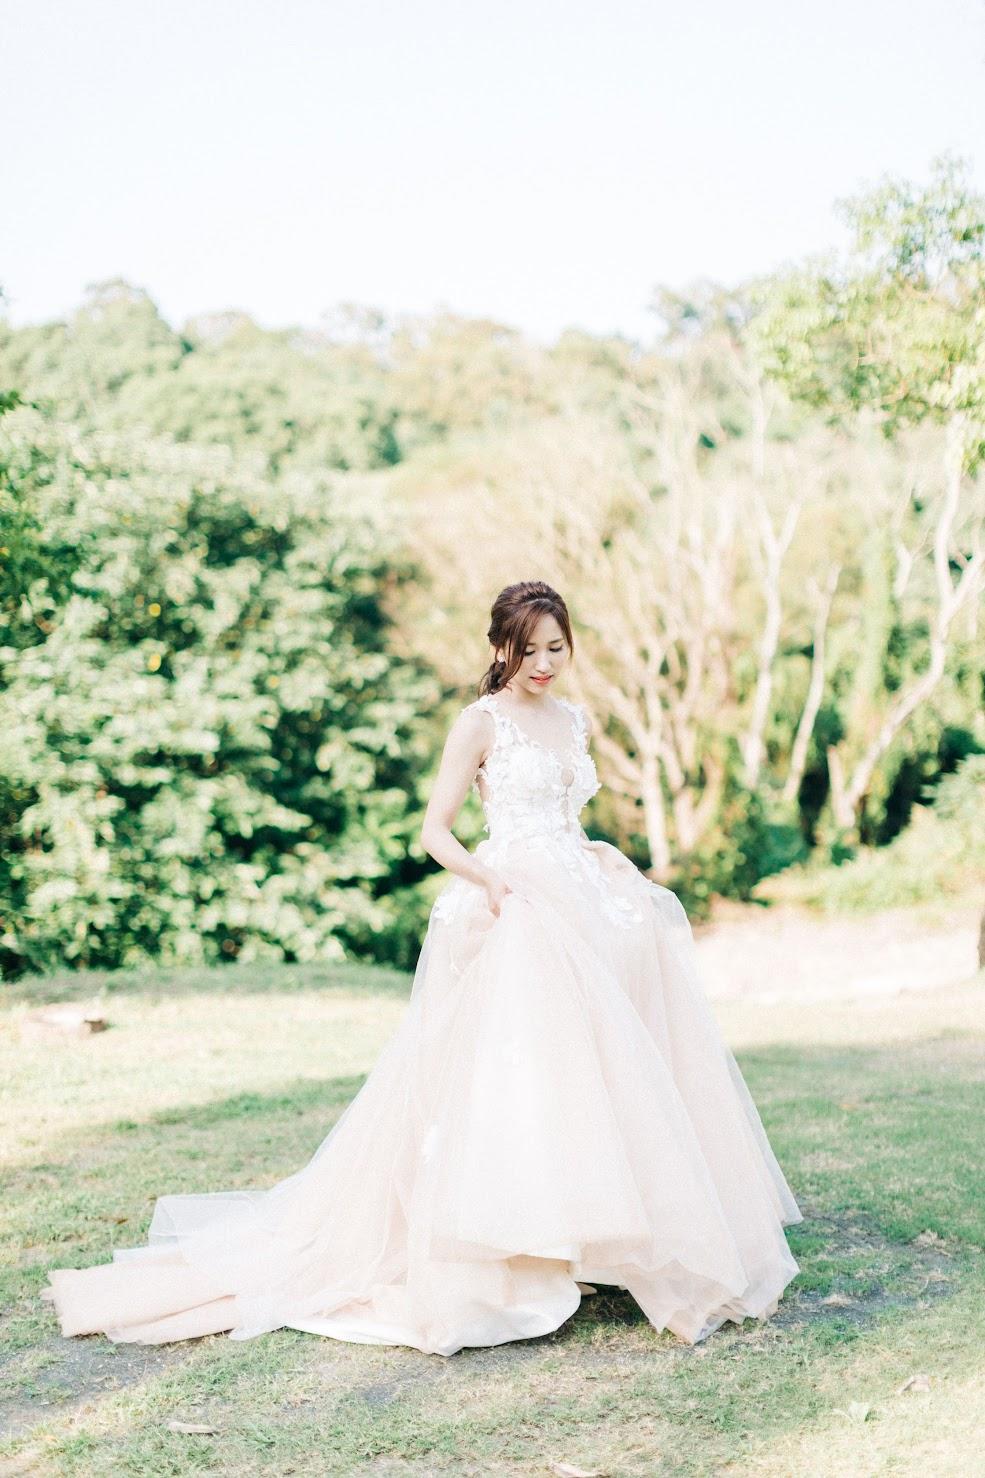 美式鄉村俱樂部婚禮 - Amazing Grace 攝影美學 - AG婚攝 - 戶外證婚 - 美式婚禮紀錄 - 美式婚攝